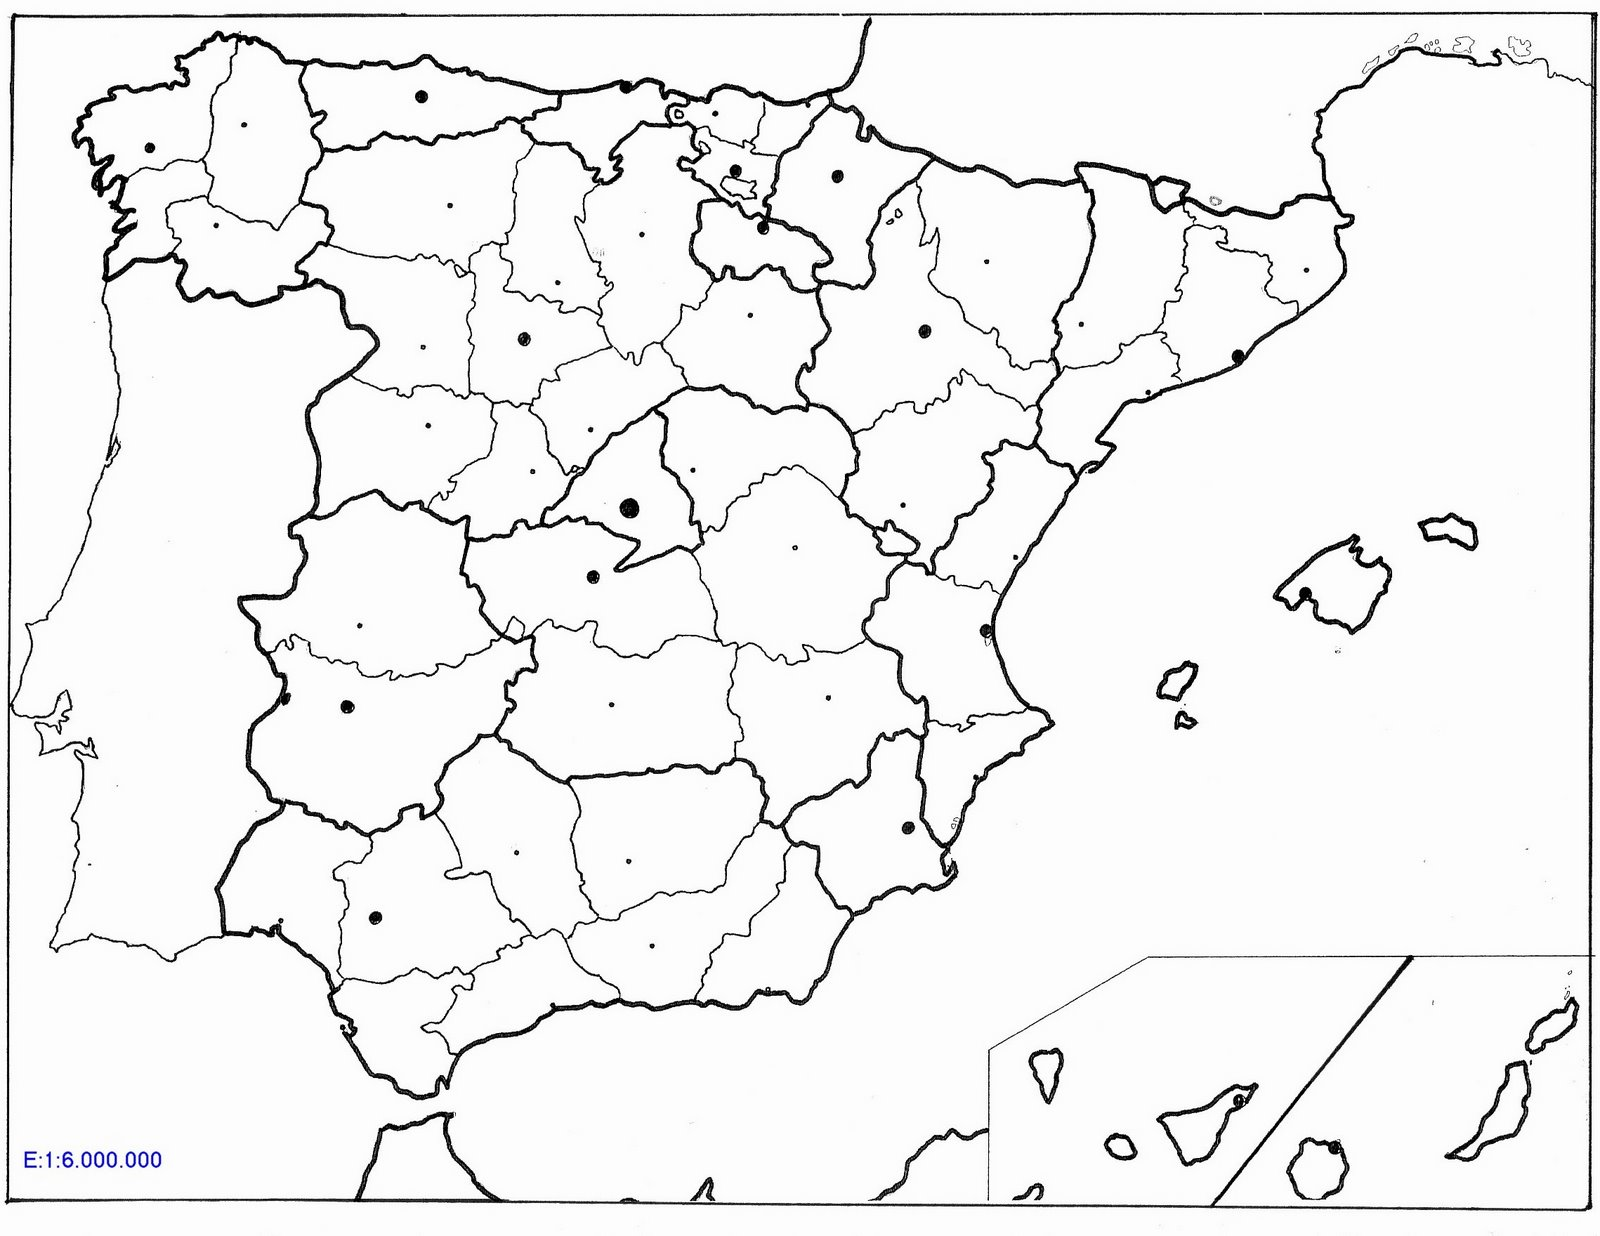 Mapa De España Colorear.Laminas Para Colorear Coloring Pages Mapa De Espana Para